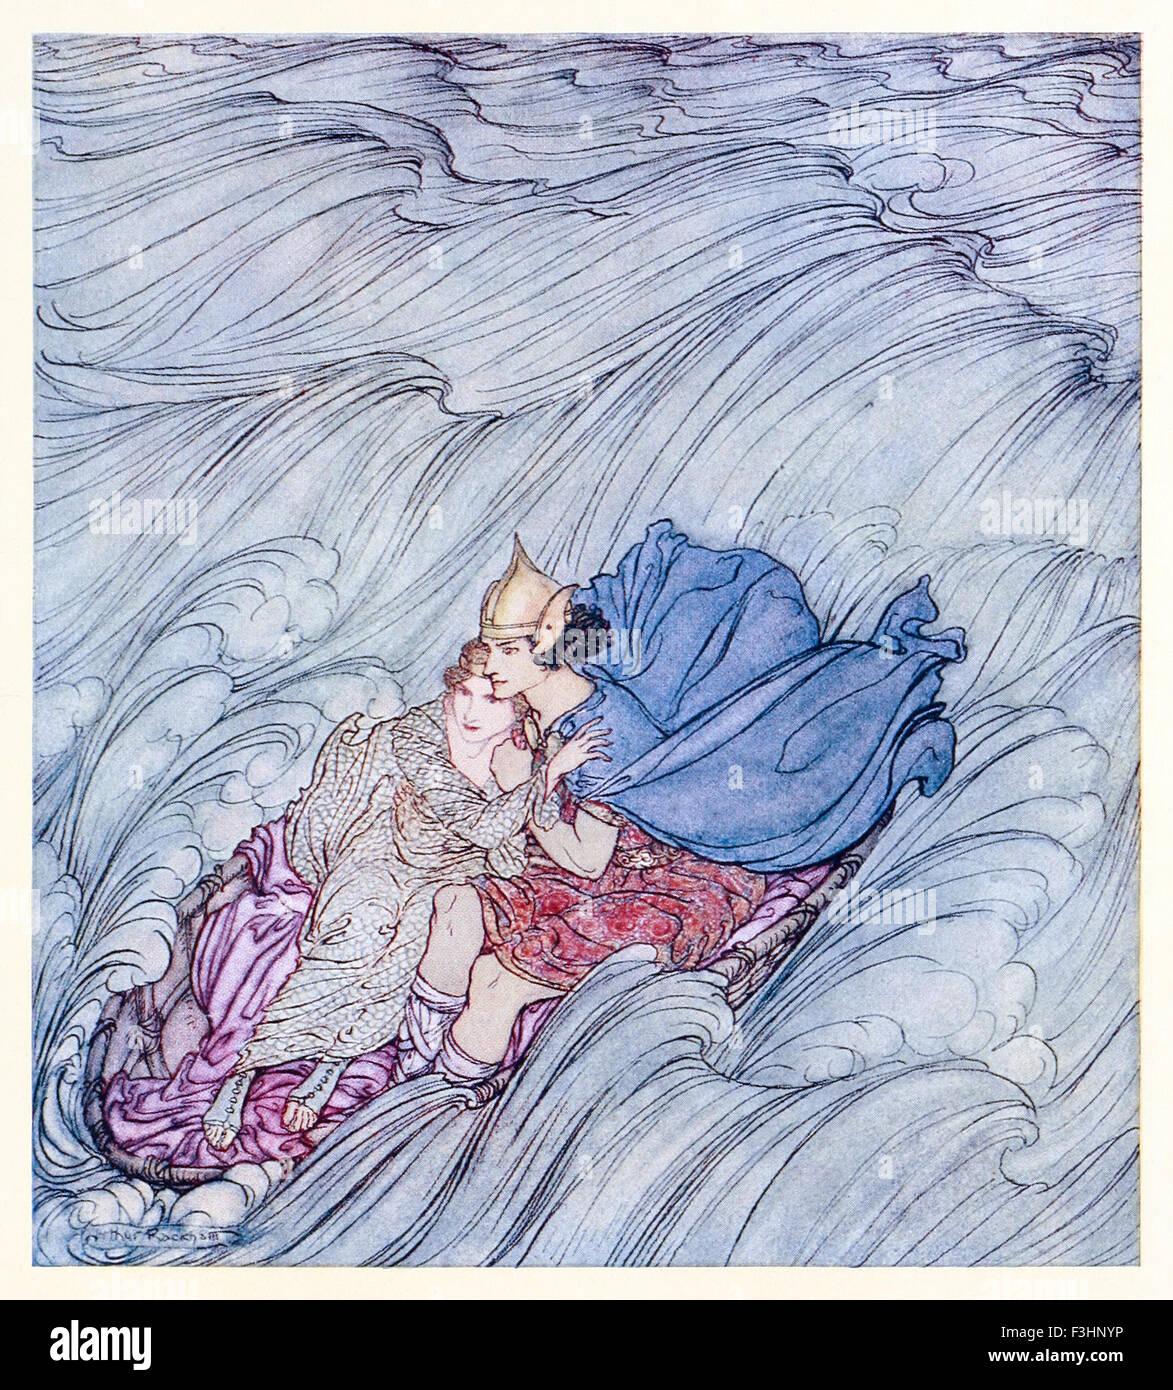 """""""Die Wellen der Welten schien an ihnen vorbei in einem riesigen grünen Teppich zu wirbeln' aus 'Becuma Stockbild"""